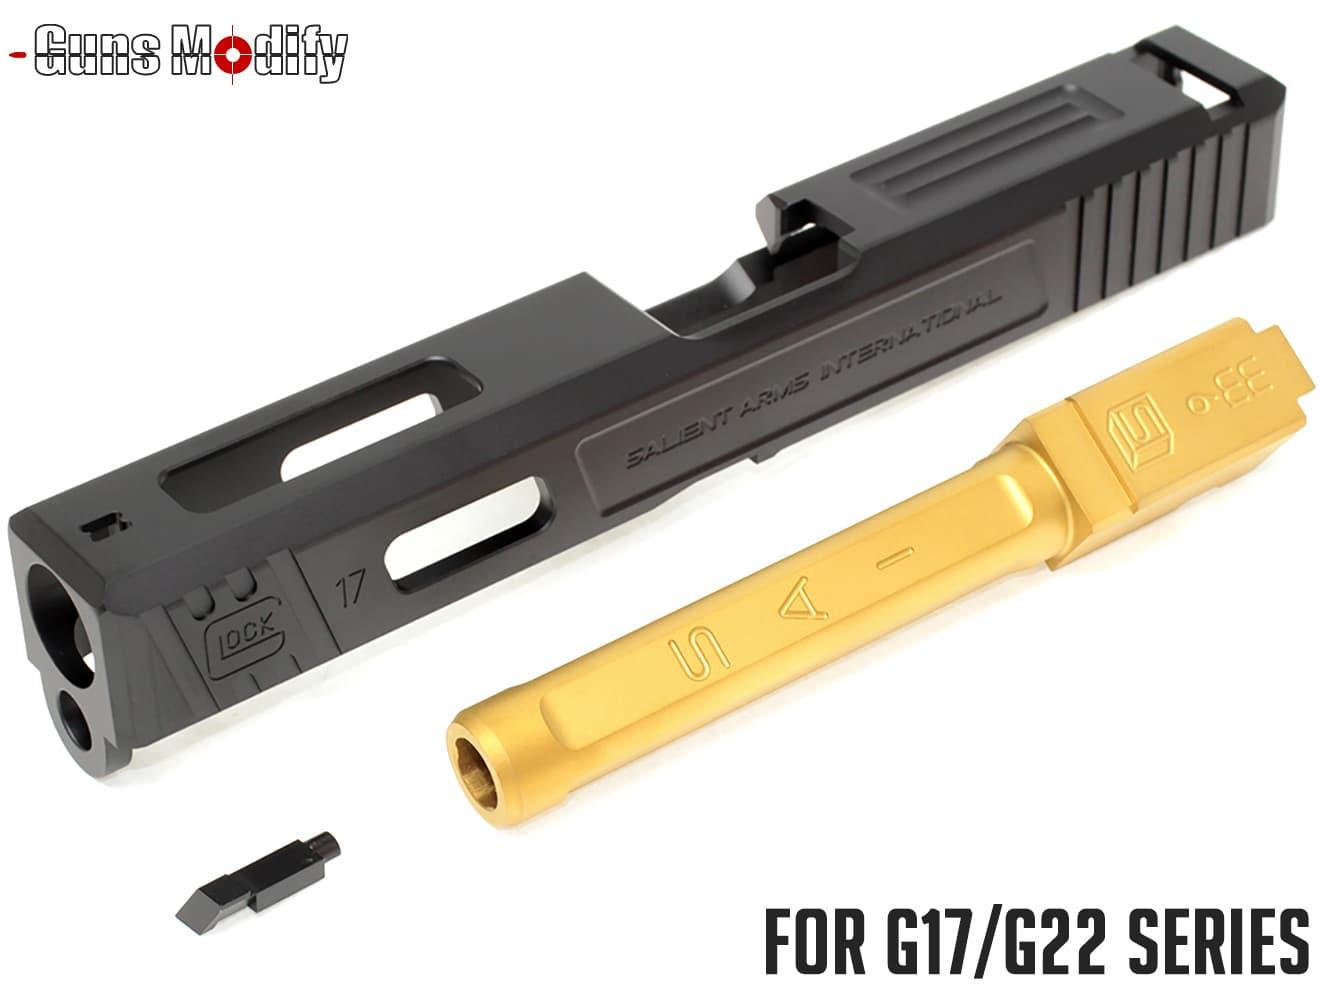 Guns Modify G17 SA CNC Tier 1 アルミスライド&ステンレス ボックスフルート アウターバレルセット◆マルイ GLOCK G17/G22対応 SAI風